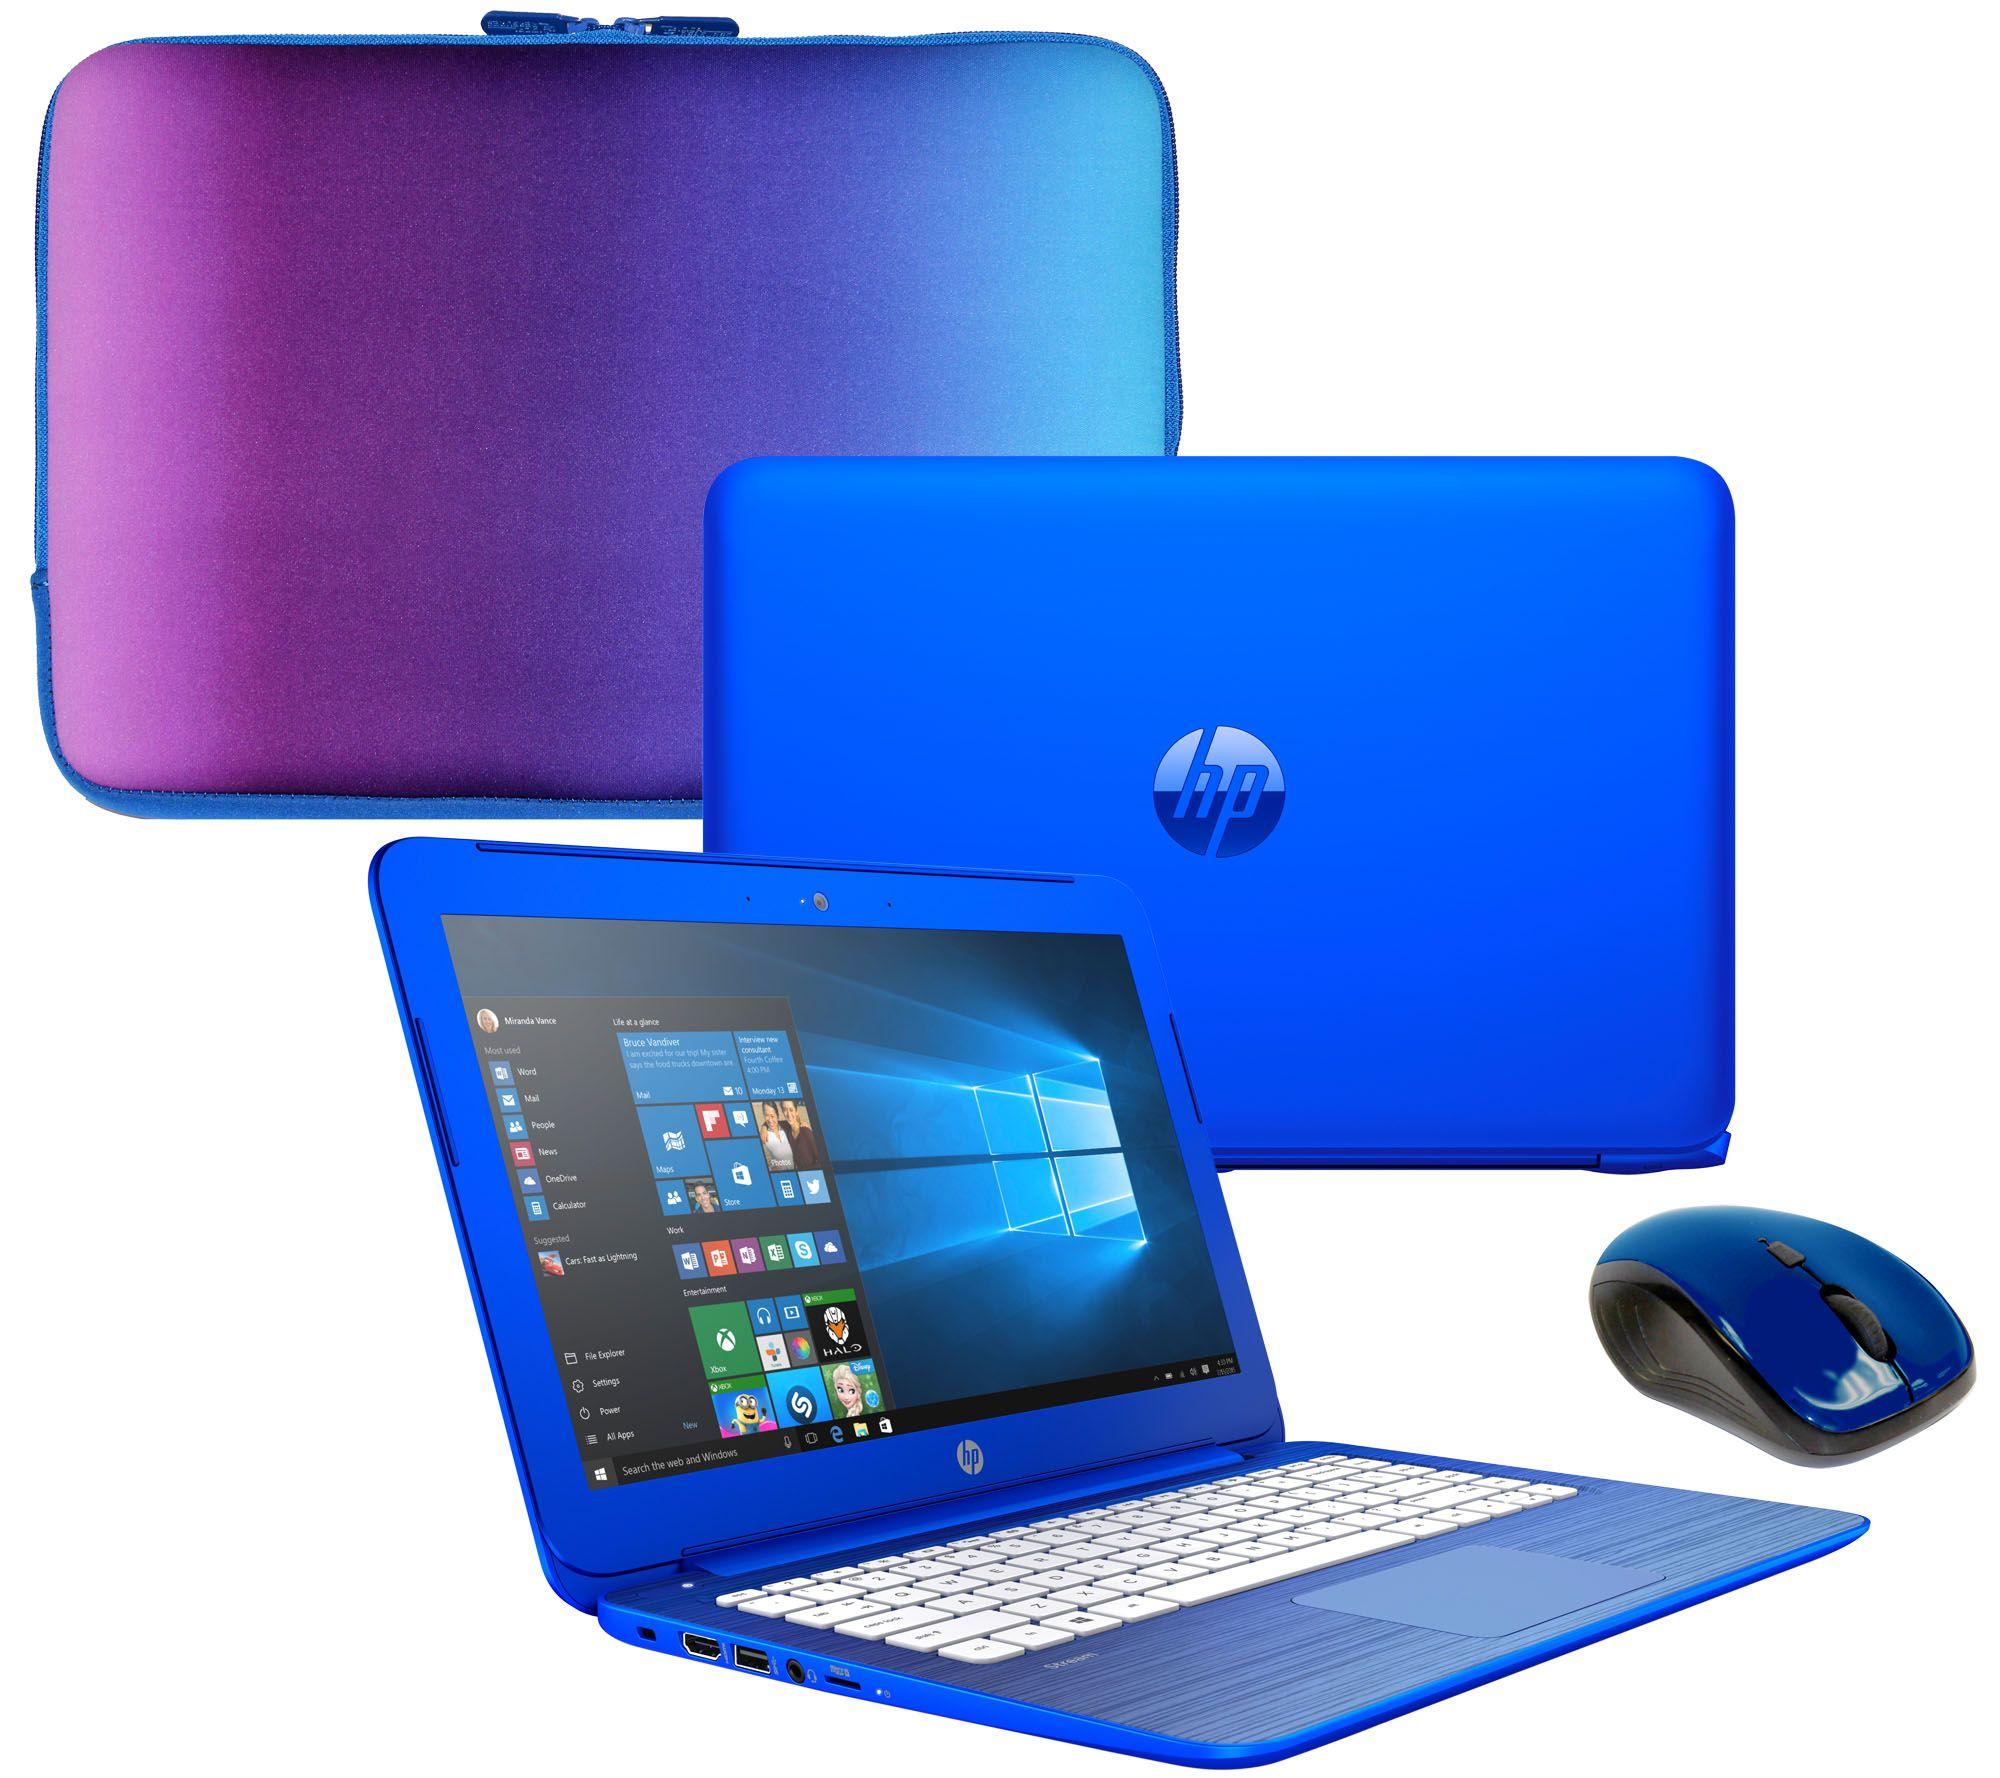 Hp Stream 13 Laptop 2gb Ram 32gb Windows 10 Ms Office 365